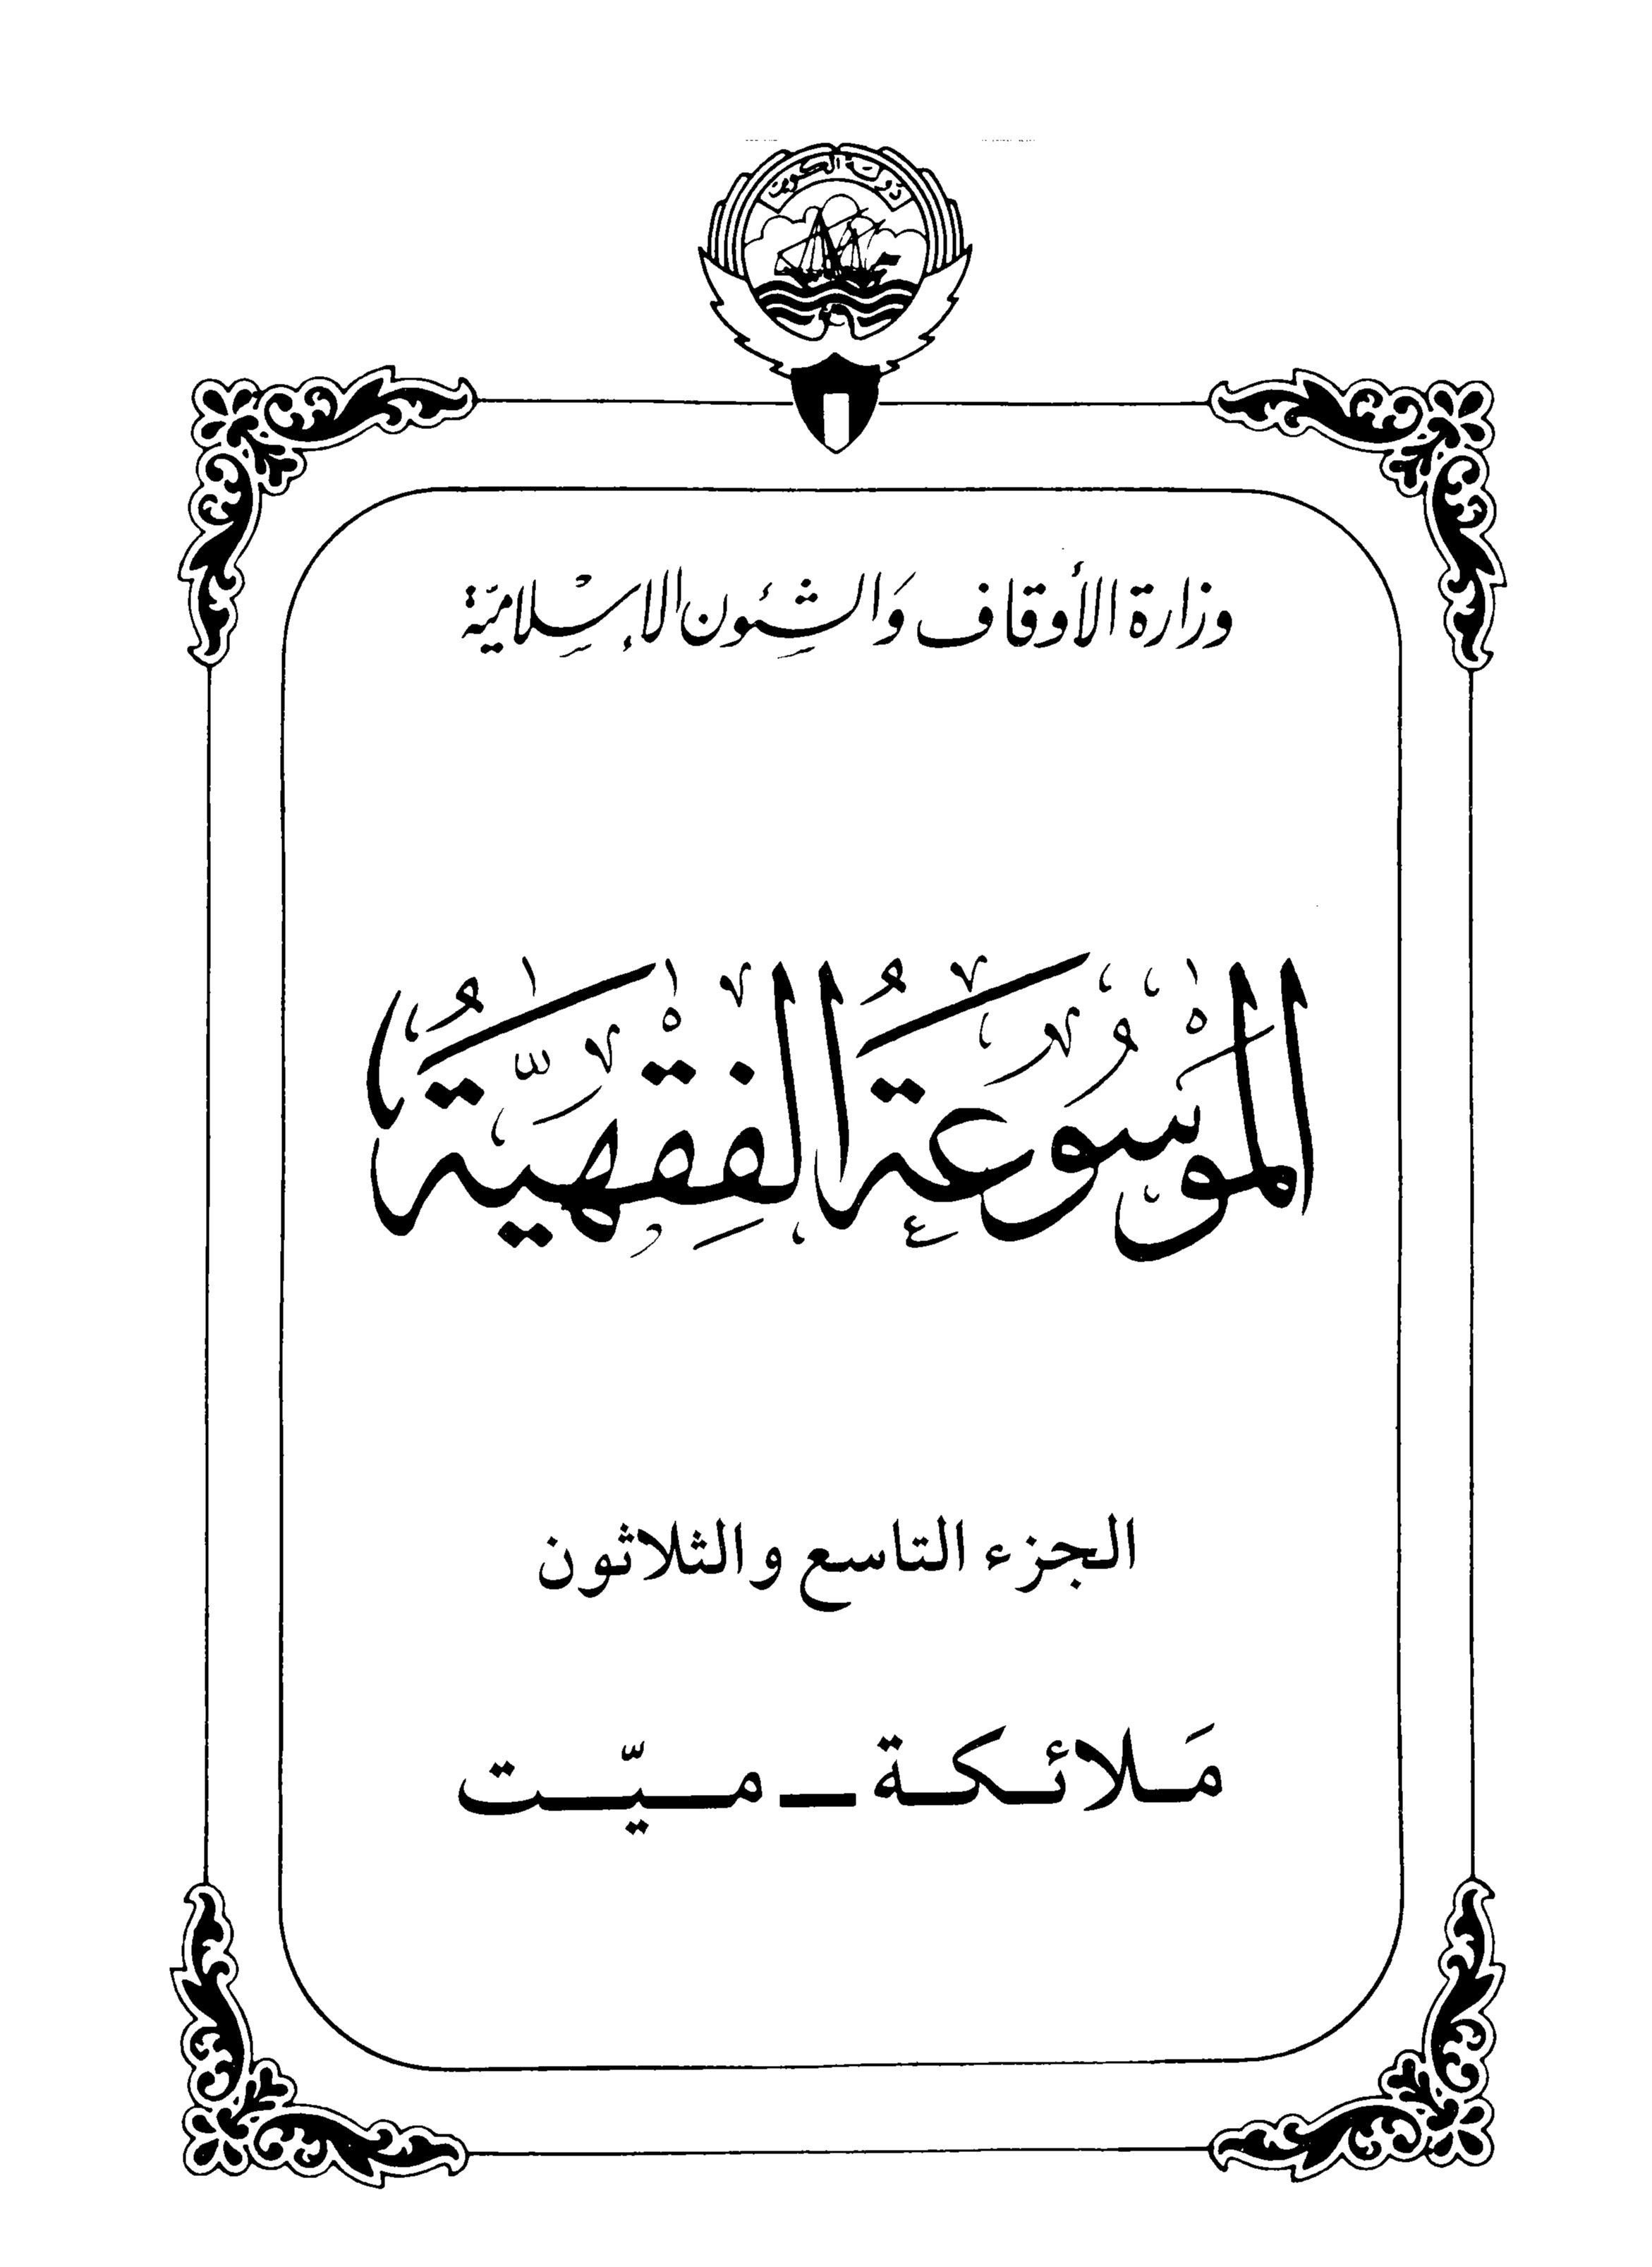 الموسوعة الفقهية الكويتية- الجزء التاسع والثلاثون (ملائكة - ميت)